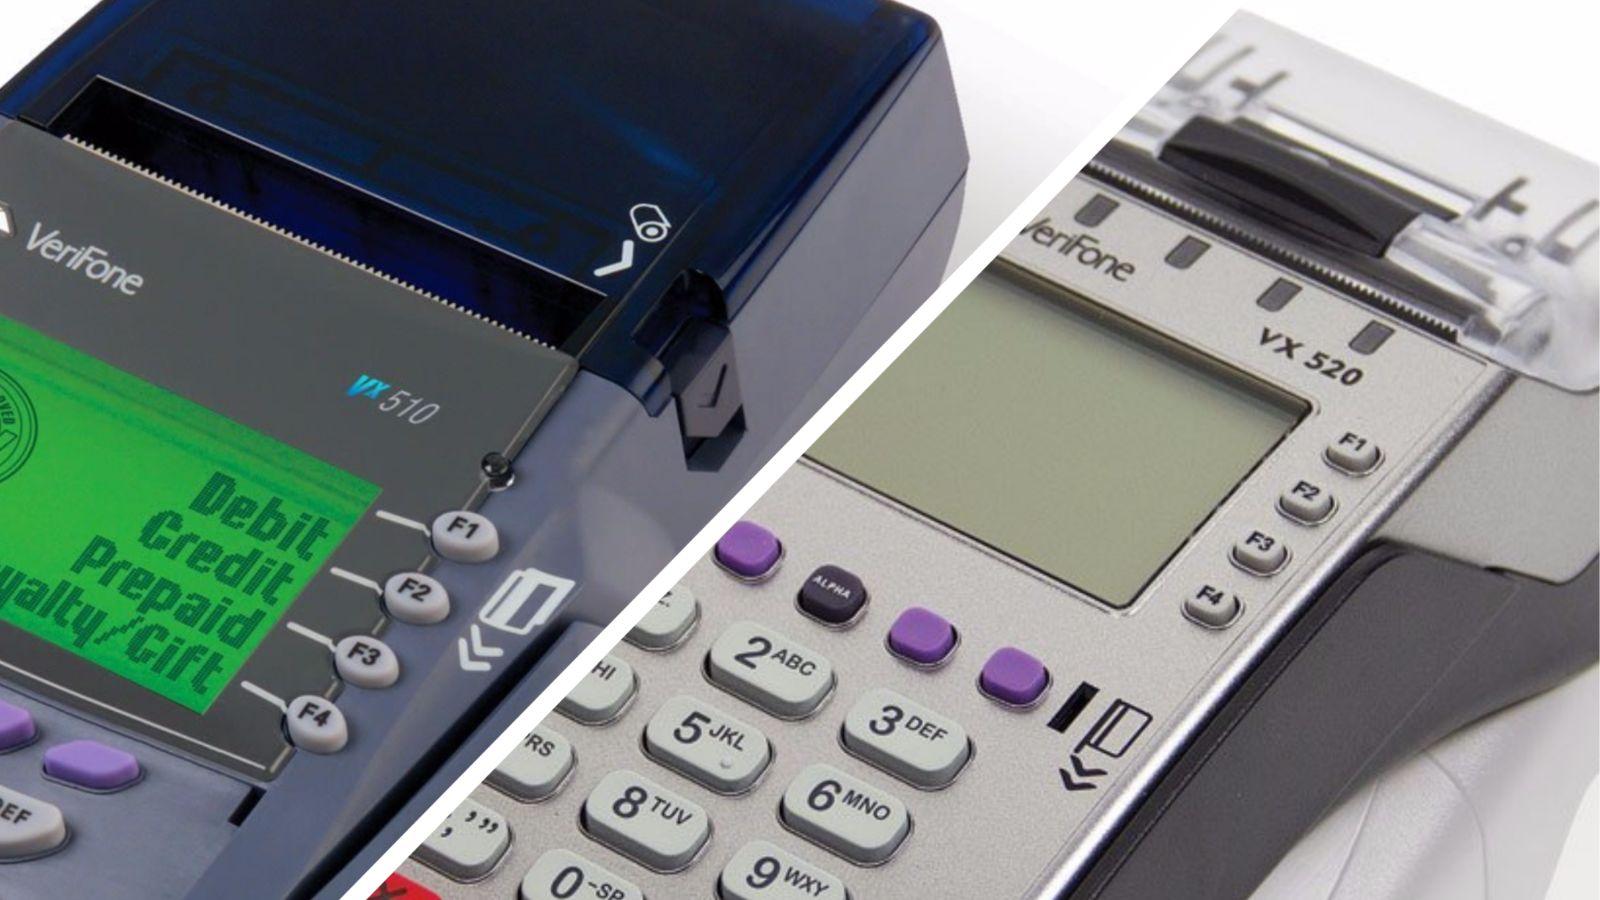 Сравниваем POS-терминалы Verifone Vx510 и Vx520